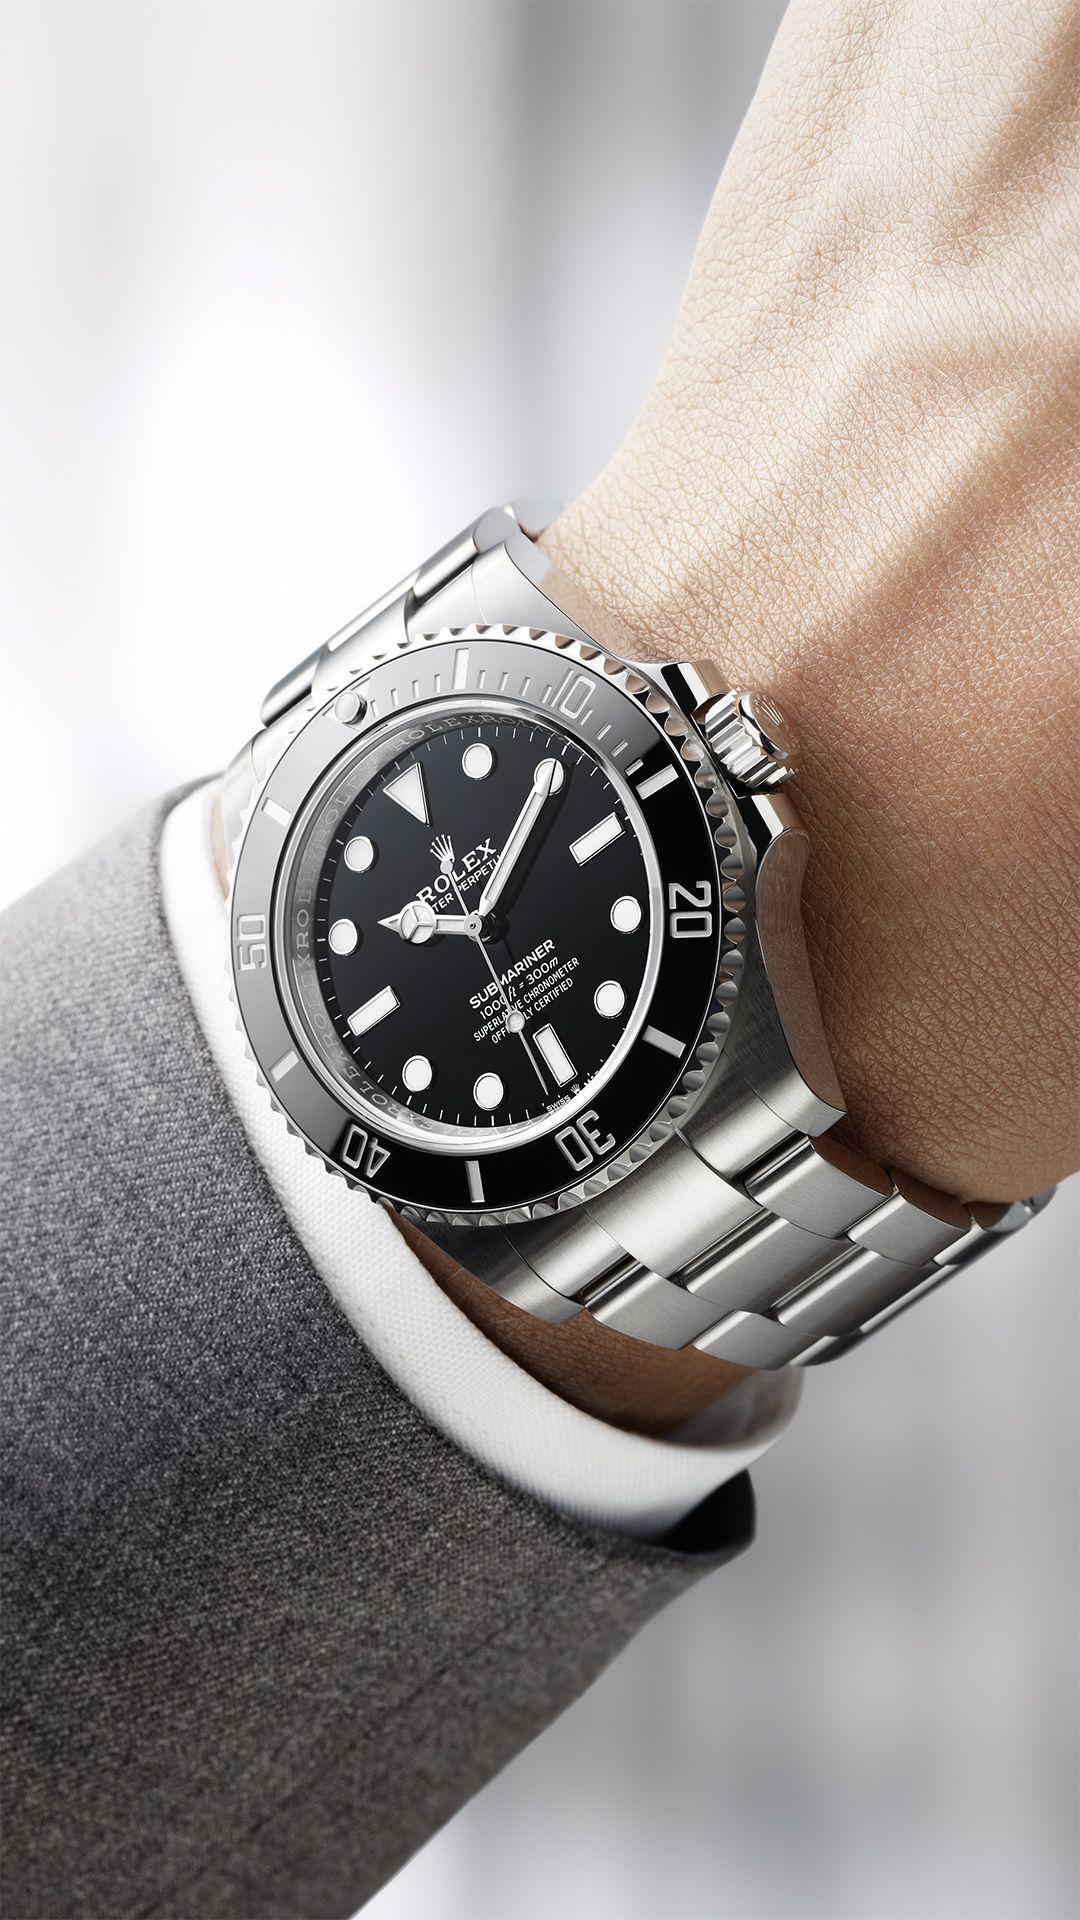 Submariner Rolex watches for men Rolex submariner Rolex watches